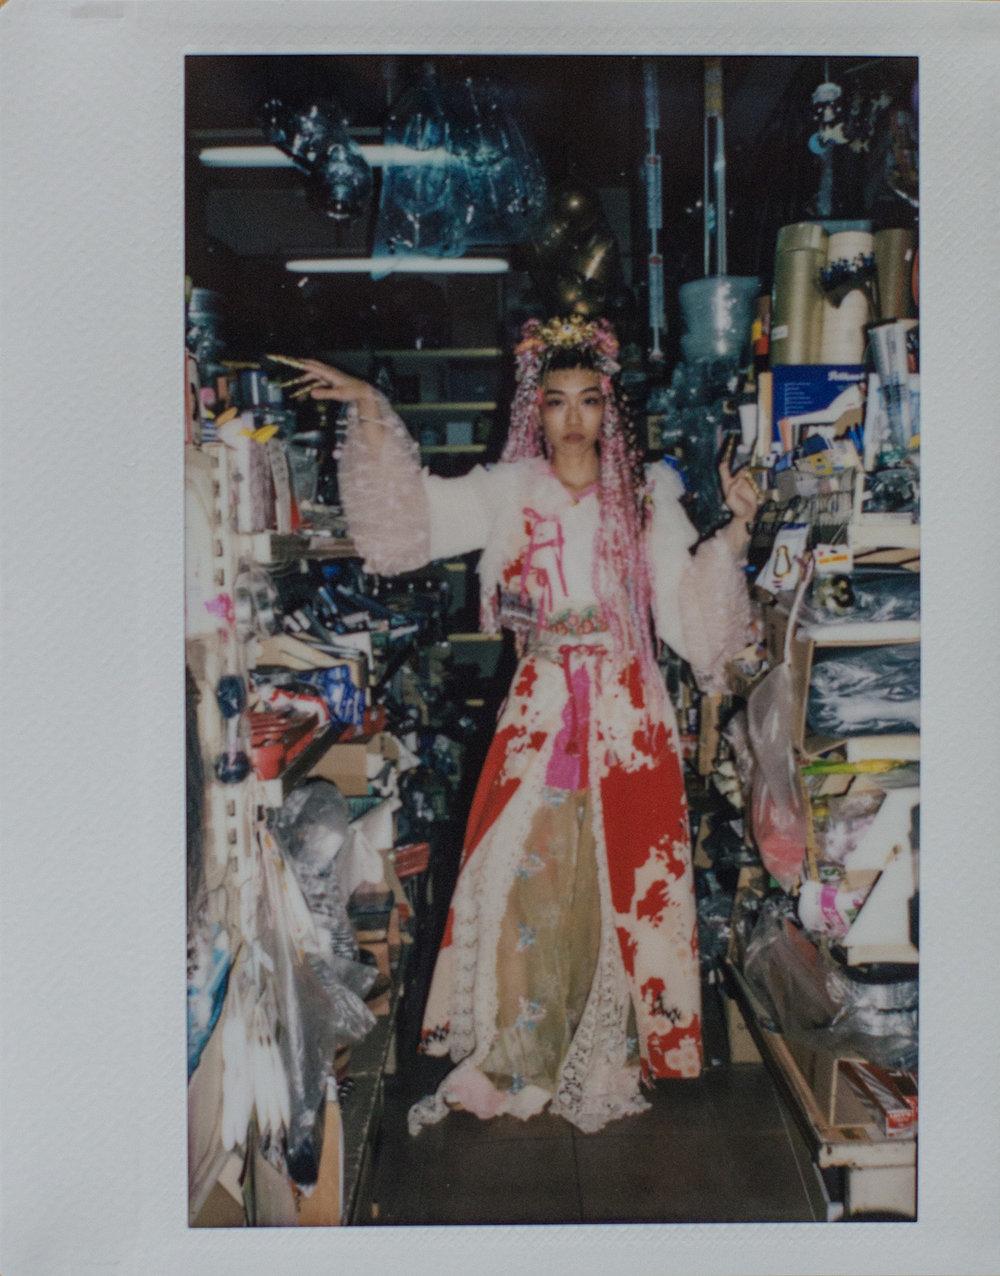 190125-GoddessSG_p02.jpg